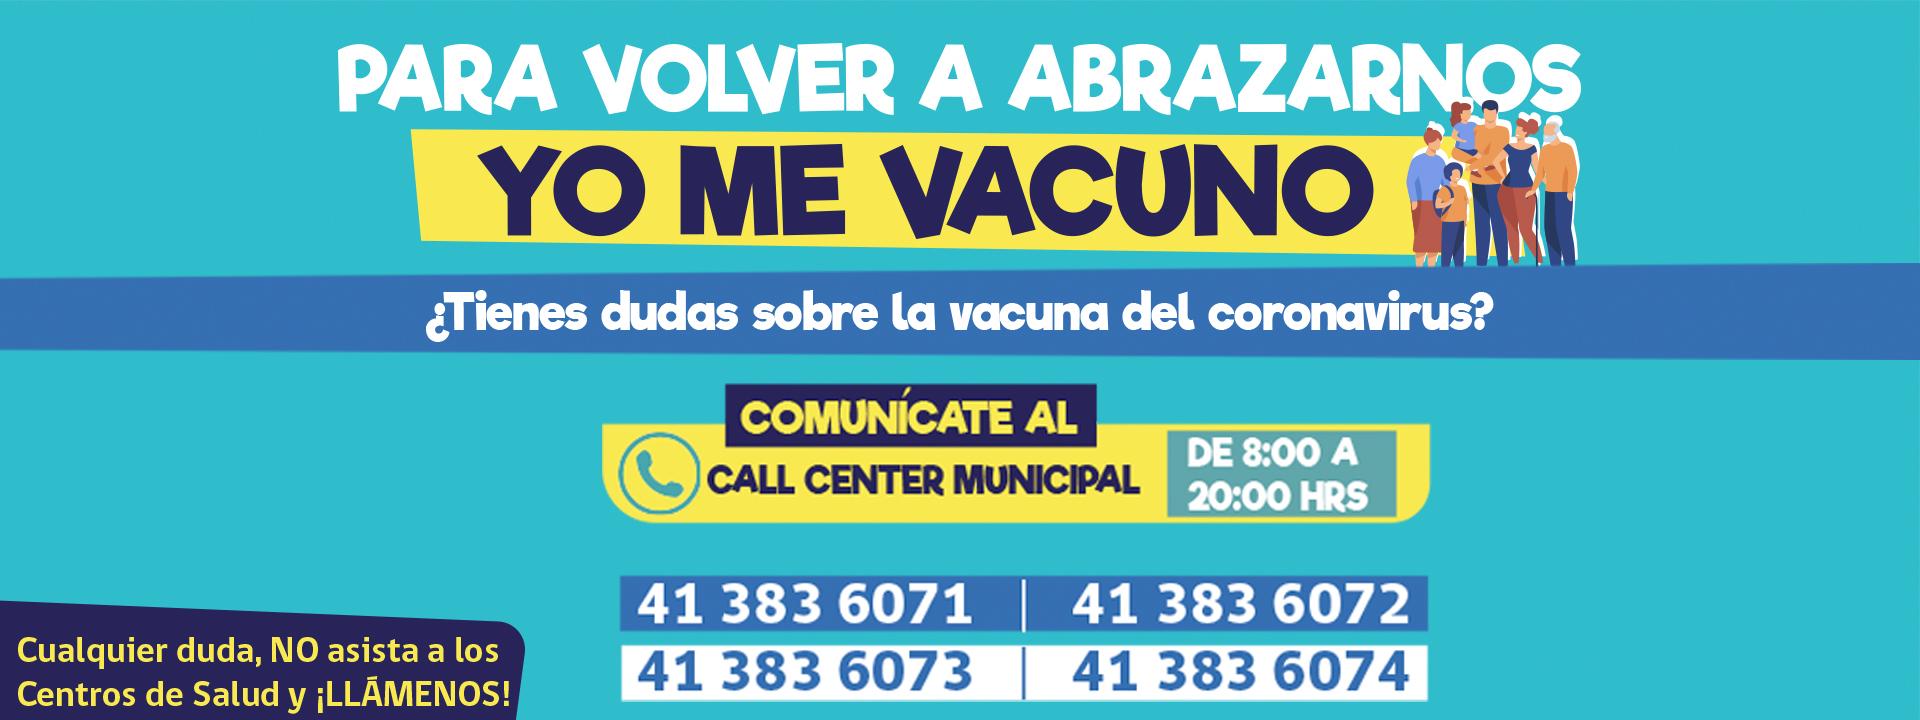 yo-me-vacuno